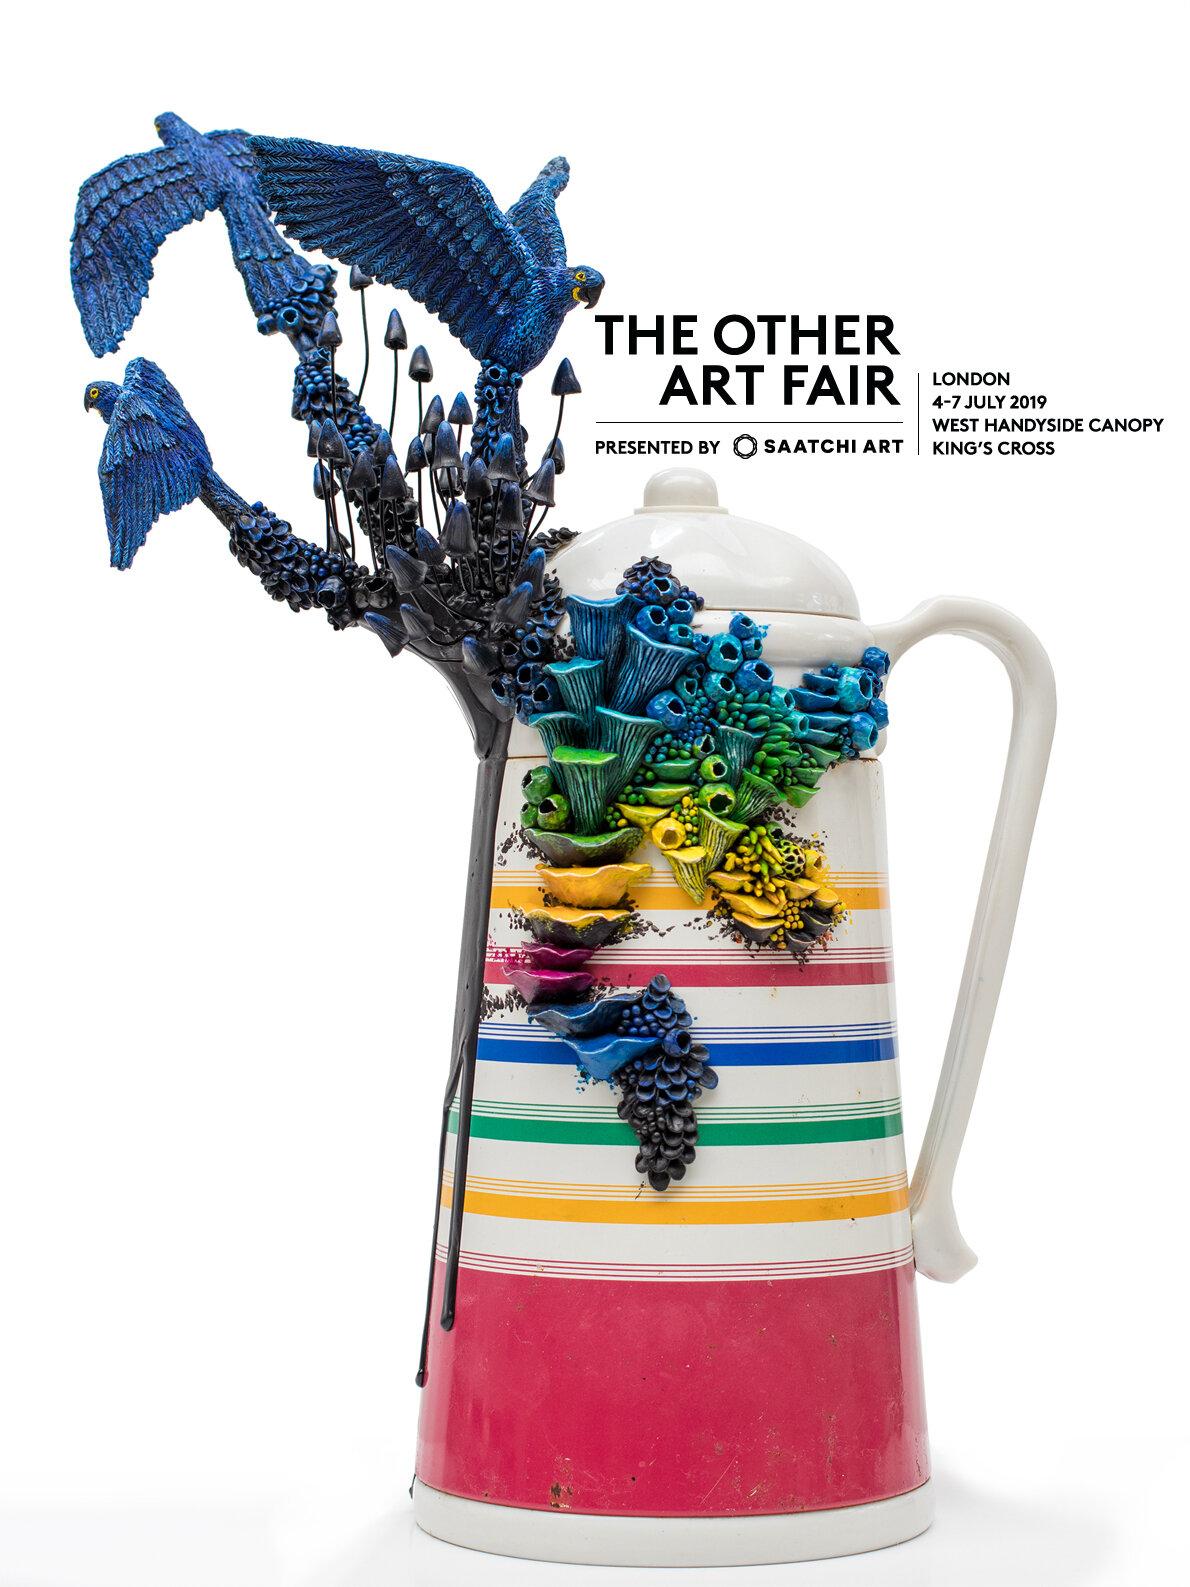 其他艺术博览会,风信子金刚鹦鹉,11选5技巧,2019年,斯蒂芬妮·基尔加斯特